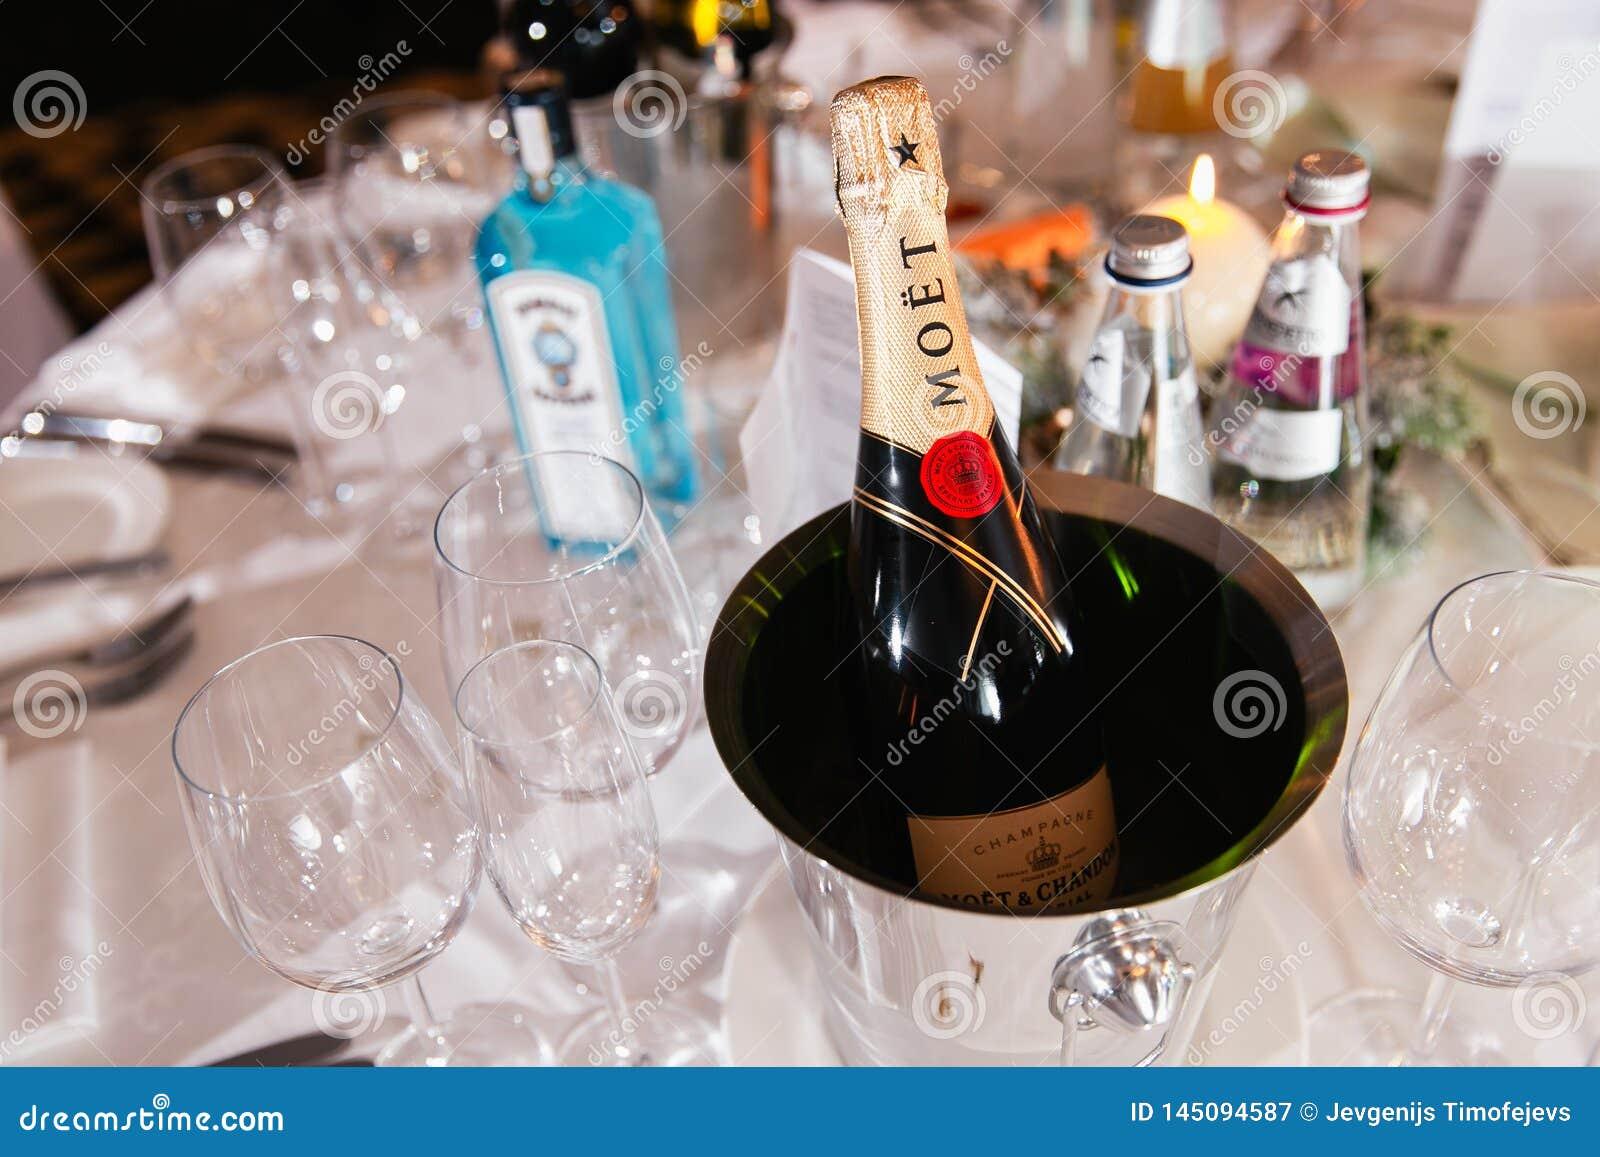 JURMALA, LETLAND - JANUARI 01, 2019: De champagne van de Moetluxe op een lijst met een fles jenever Bombay op de achtergrond